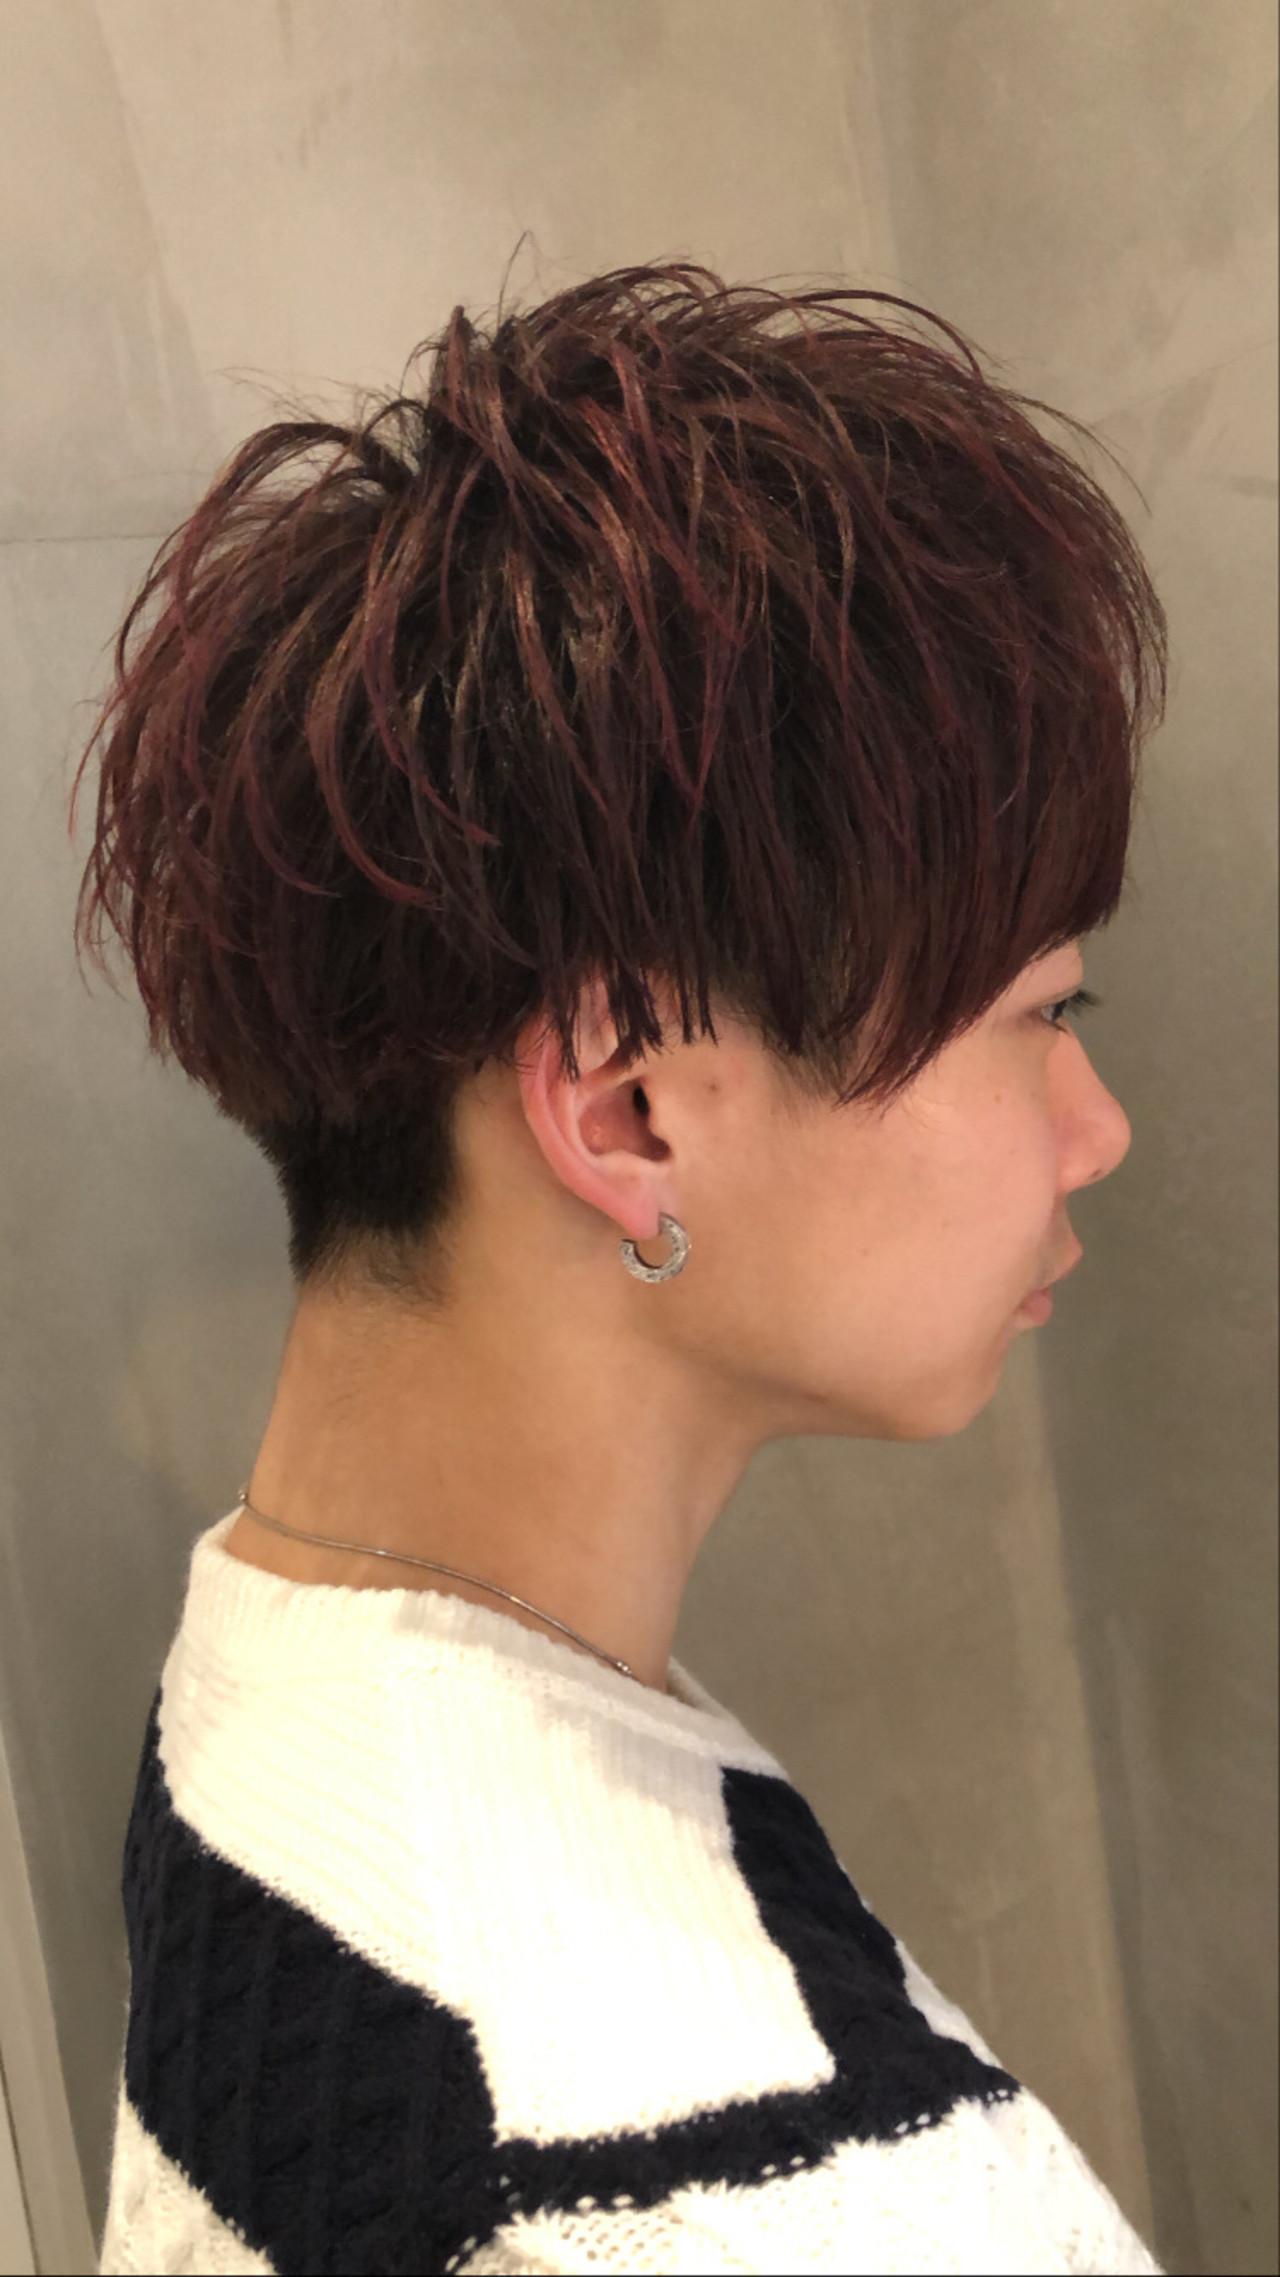 ナチュラル メンズカラー メンズカット 赤髪 ヘアスタイルや髪型の写真・画像 | 近藤 凌 / CUORE松戸店